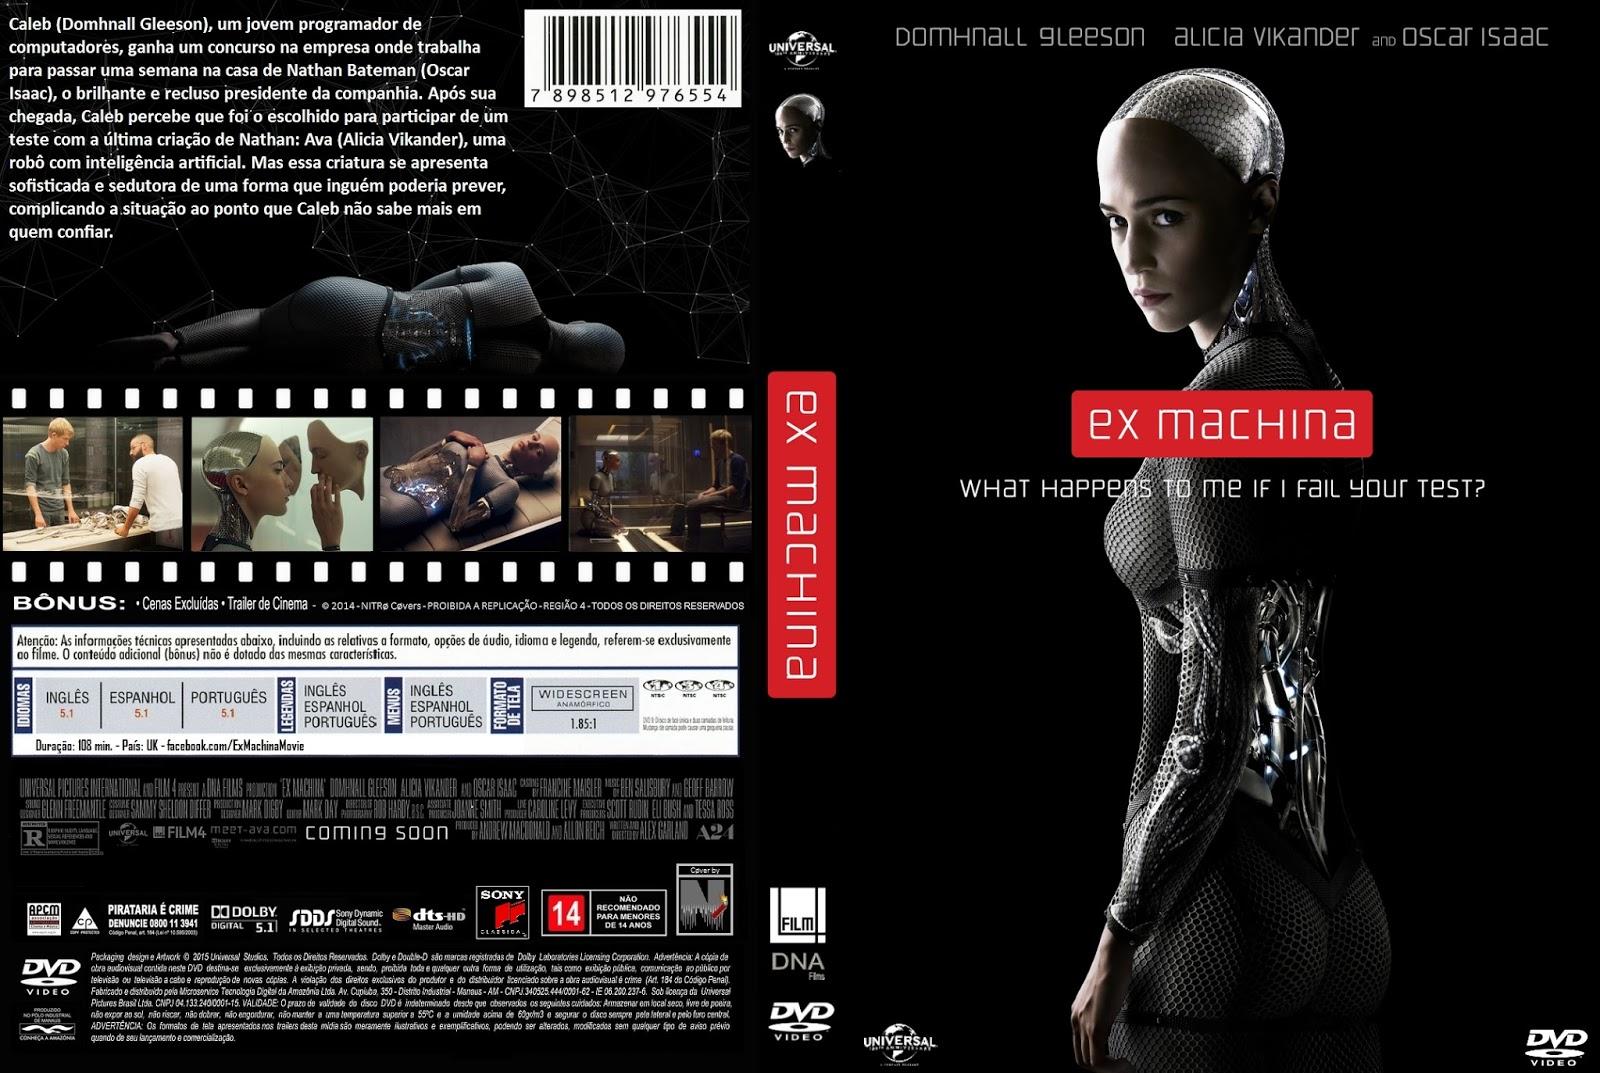 Ex Machina (2015) DVD-R Oficial